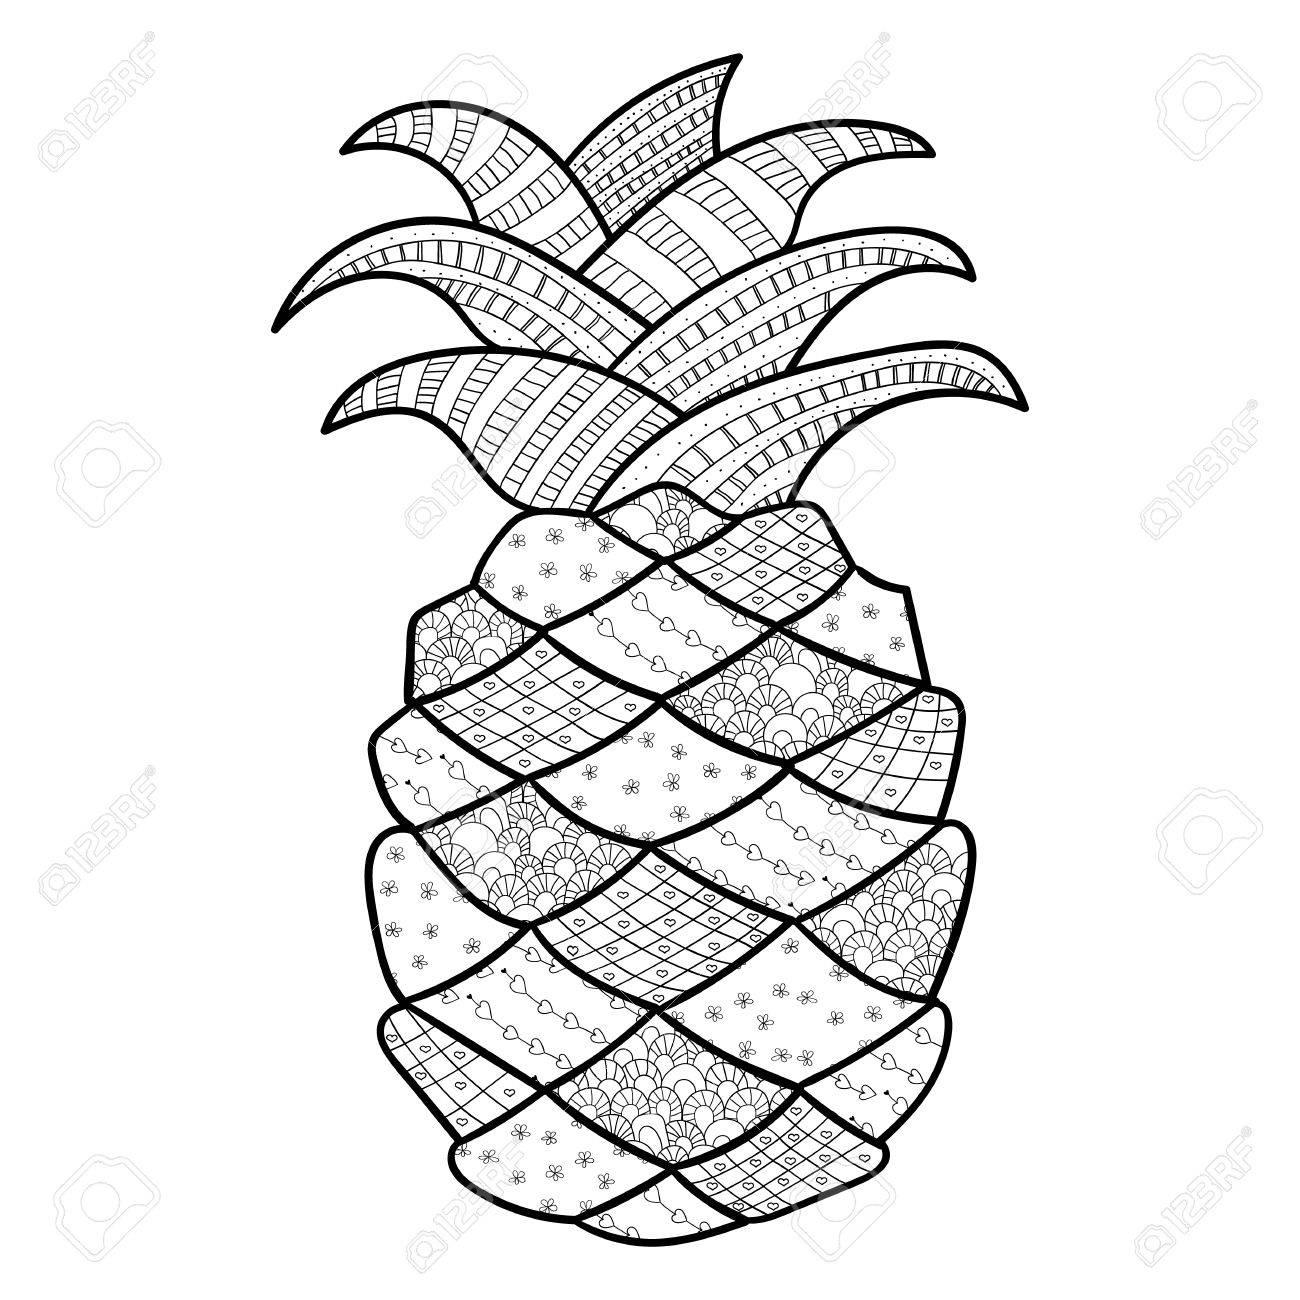 Ananas Coloriage Adulte Zentangle Inspire Lunatique Art De Ligne Illustration Vectorielle Clip Art Libres De Droits Vecteurs Et Illustration Image 57361785